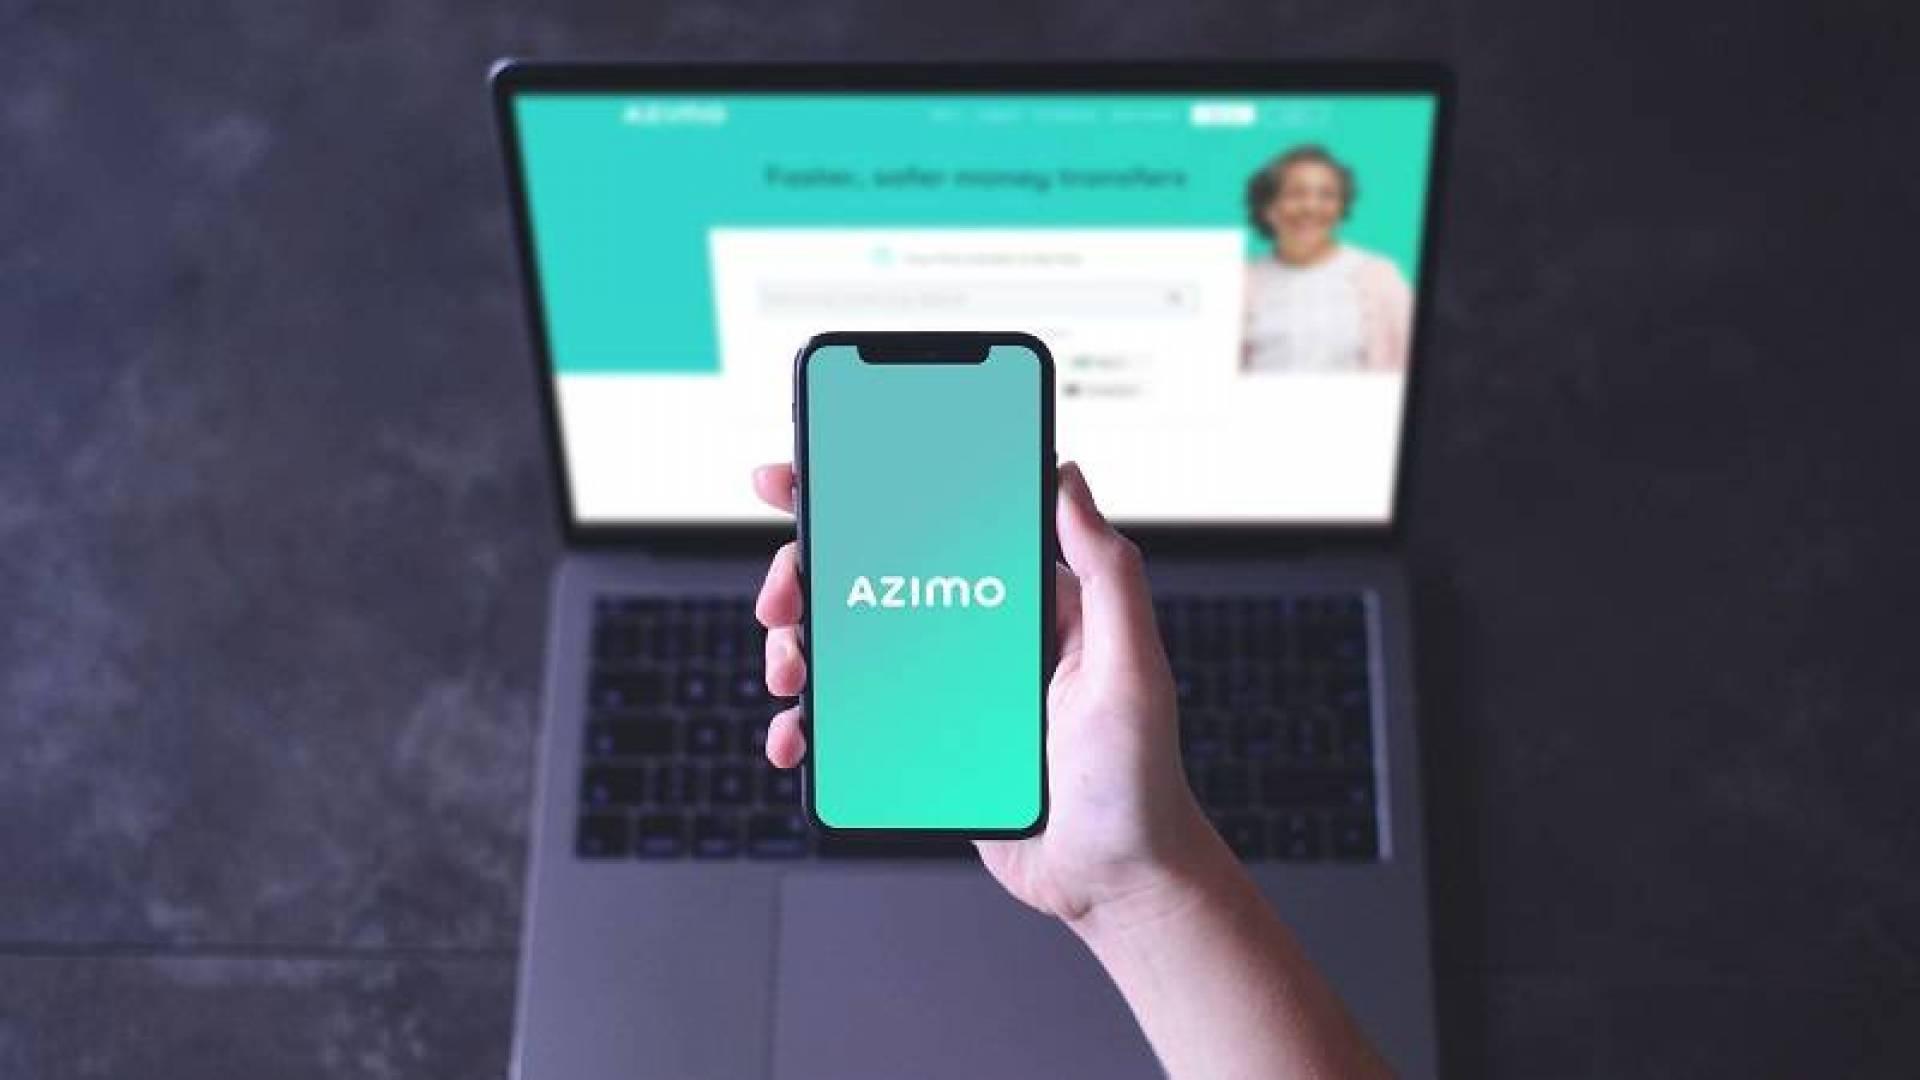 خدمة تحويل الأموال Azimo.. تسعى للتوسع في أوروبا